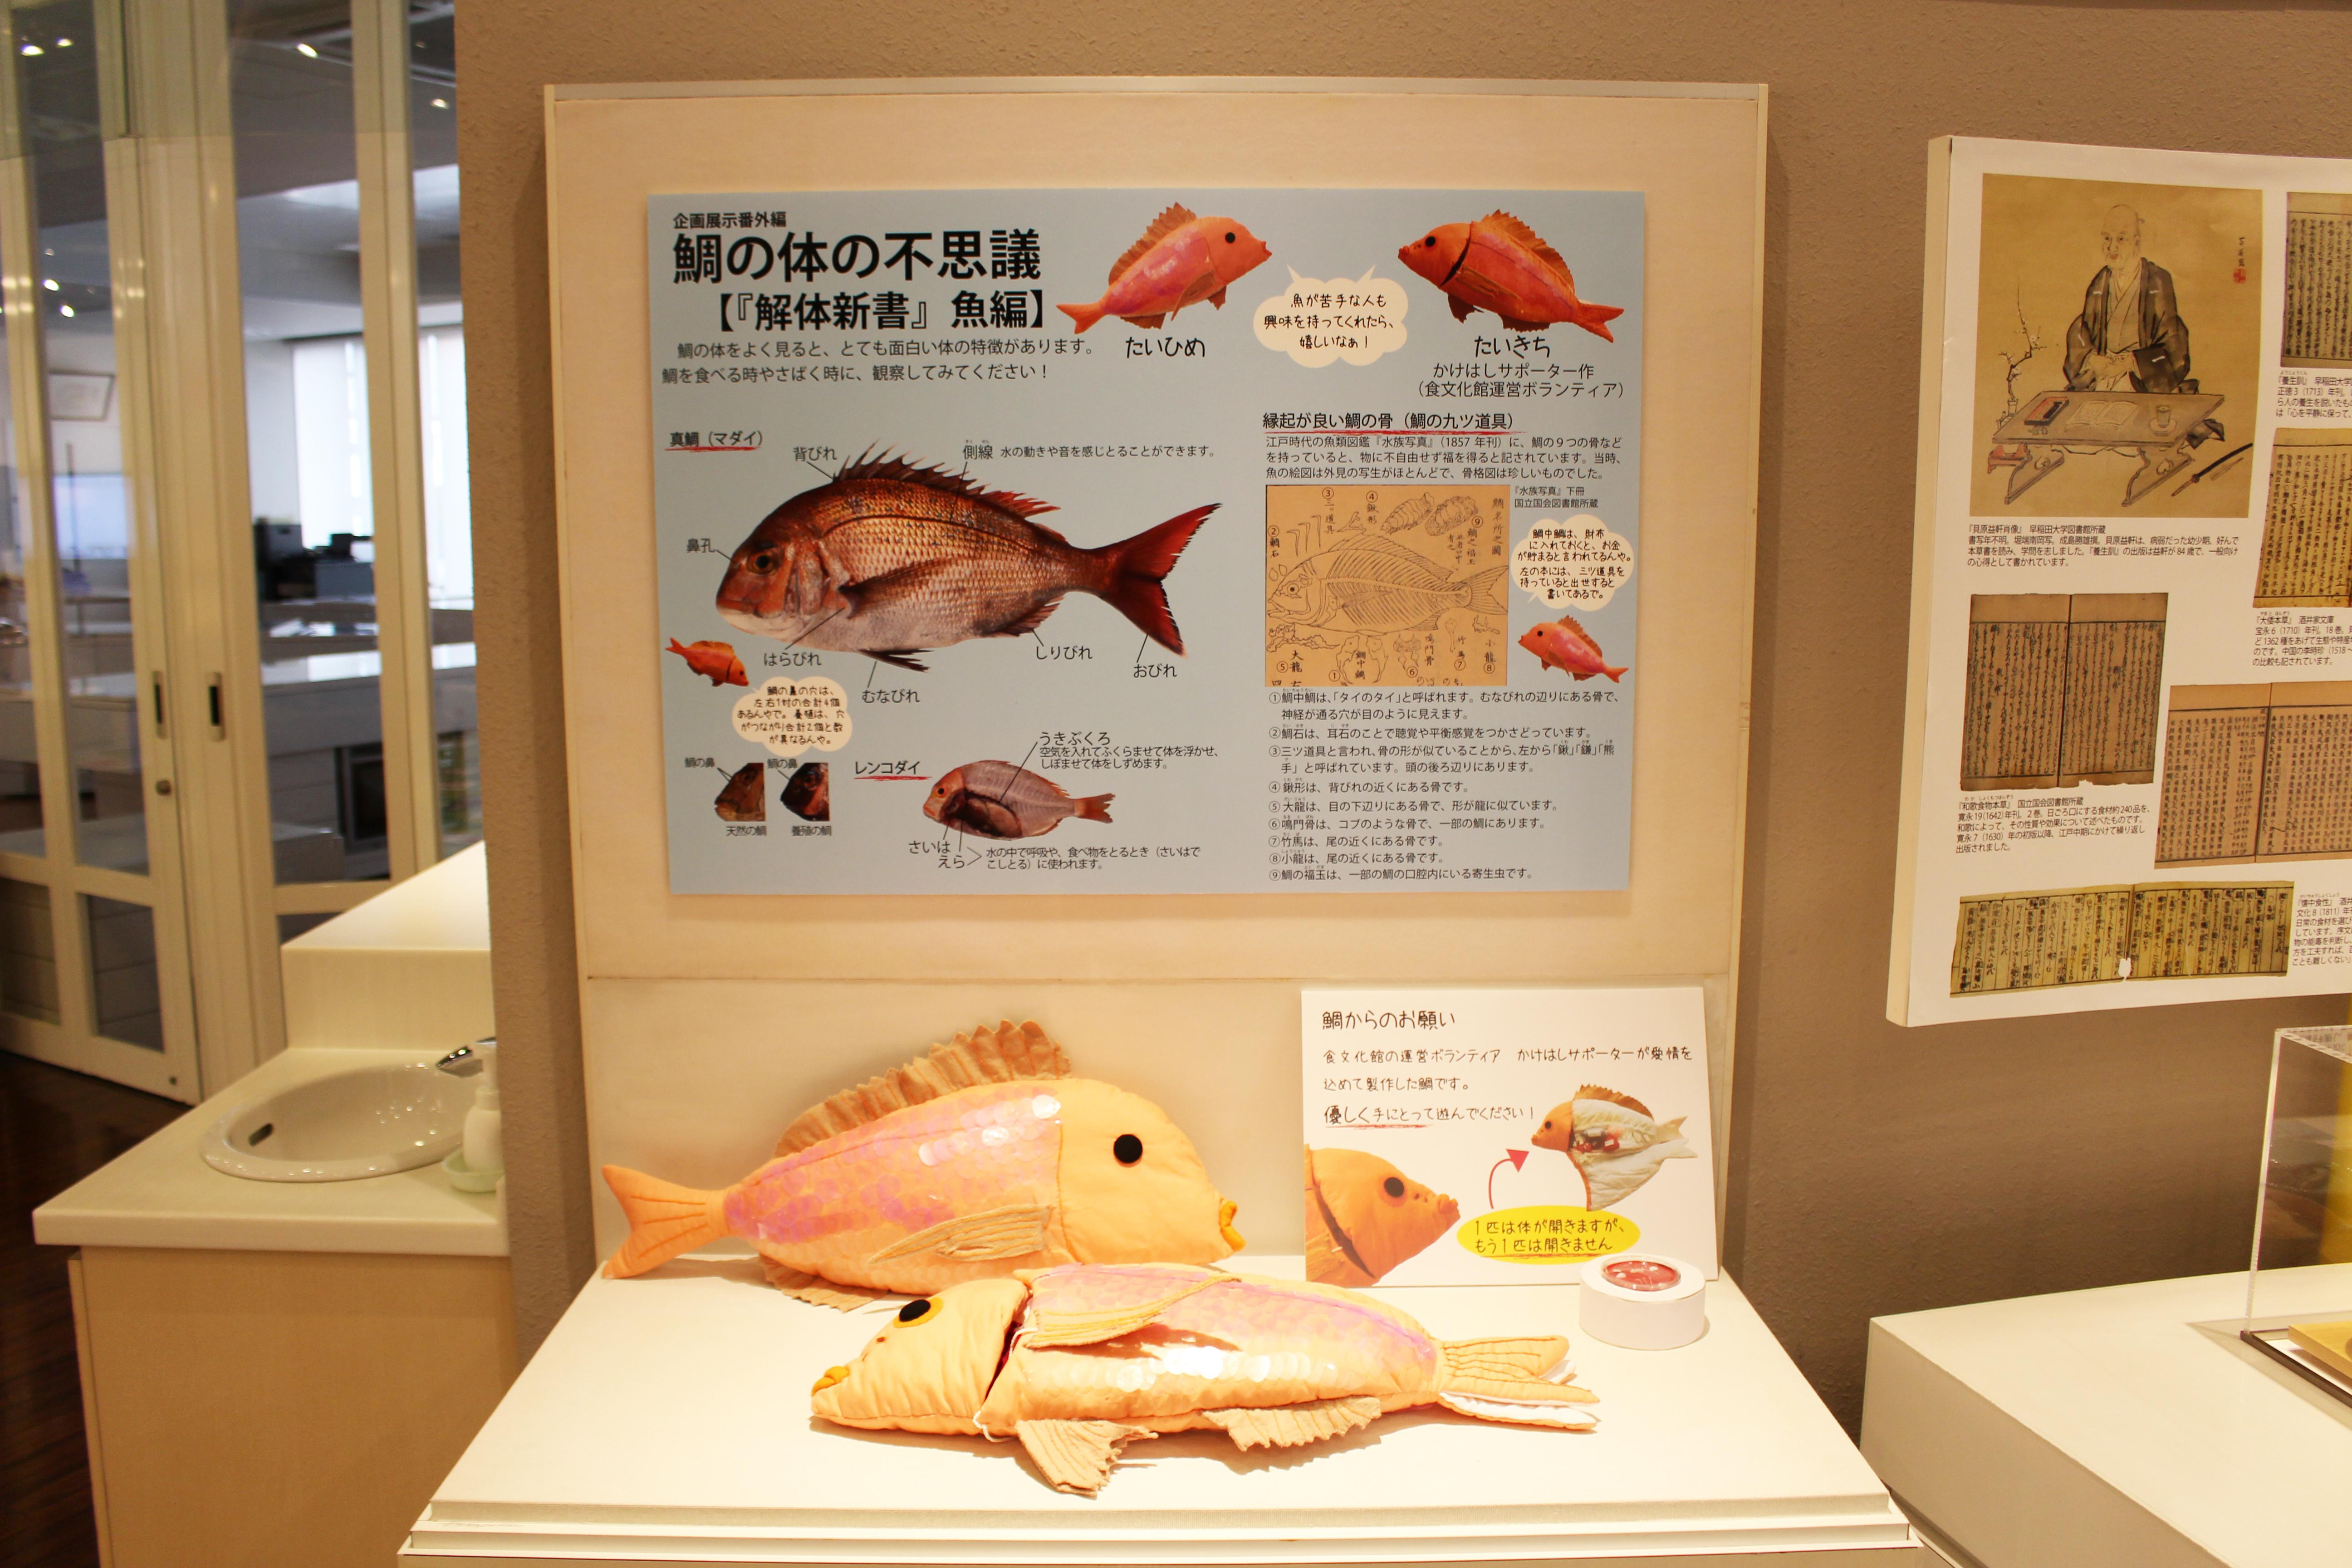 食文化館日記 » 企画展示番外編「鯛の体の不思議」を開催中です! e90c389b05